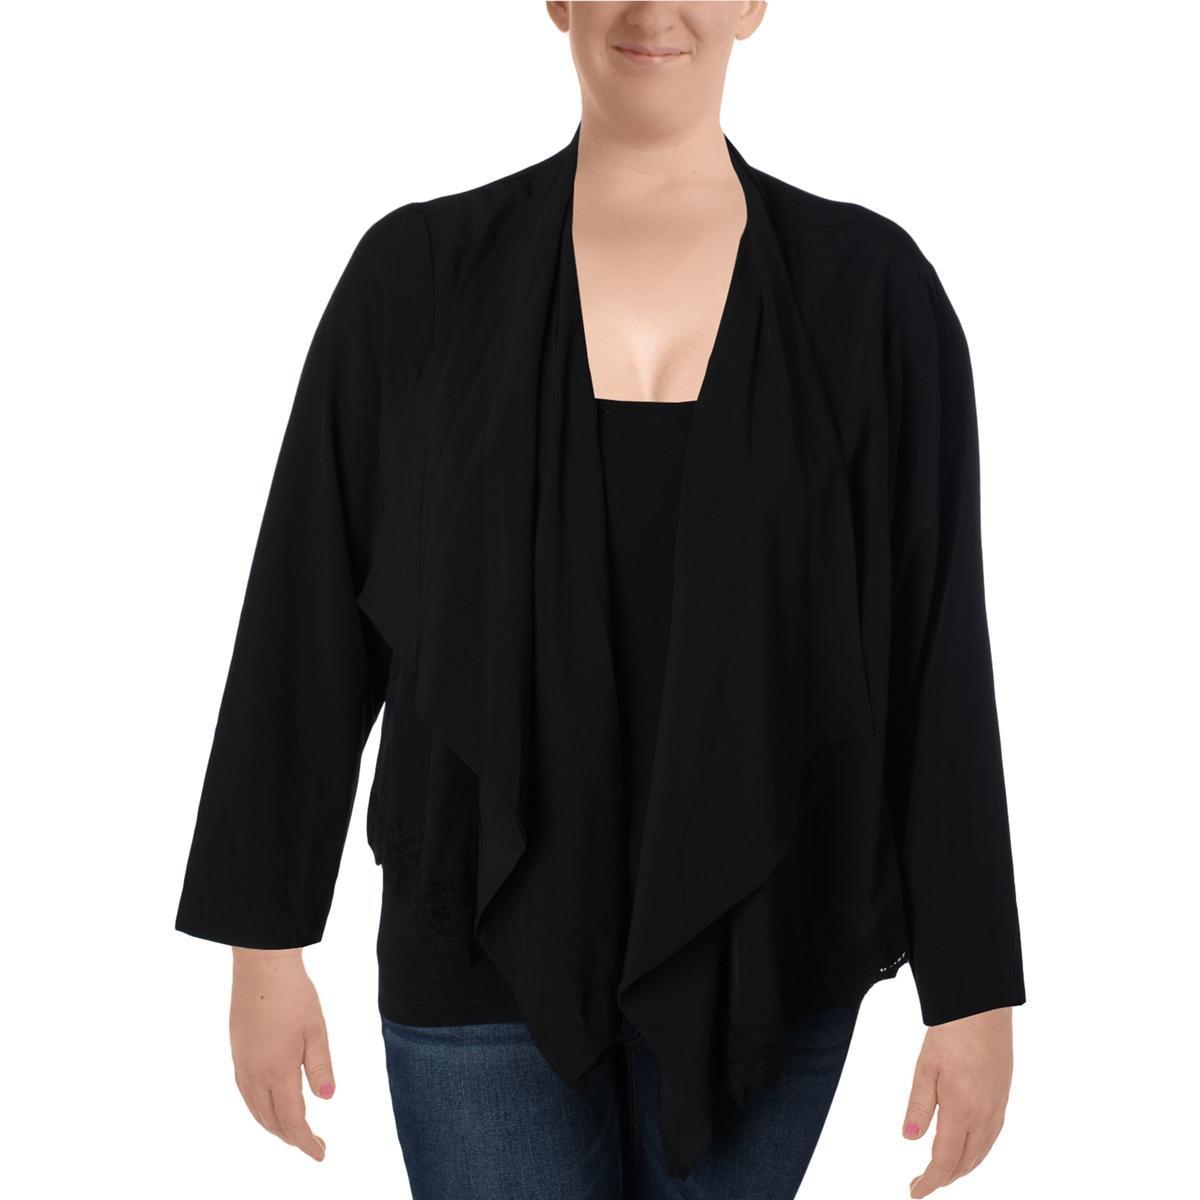 Love Scarlett Womens Open Front Long Sleeves Blazer Black S